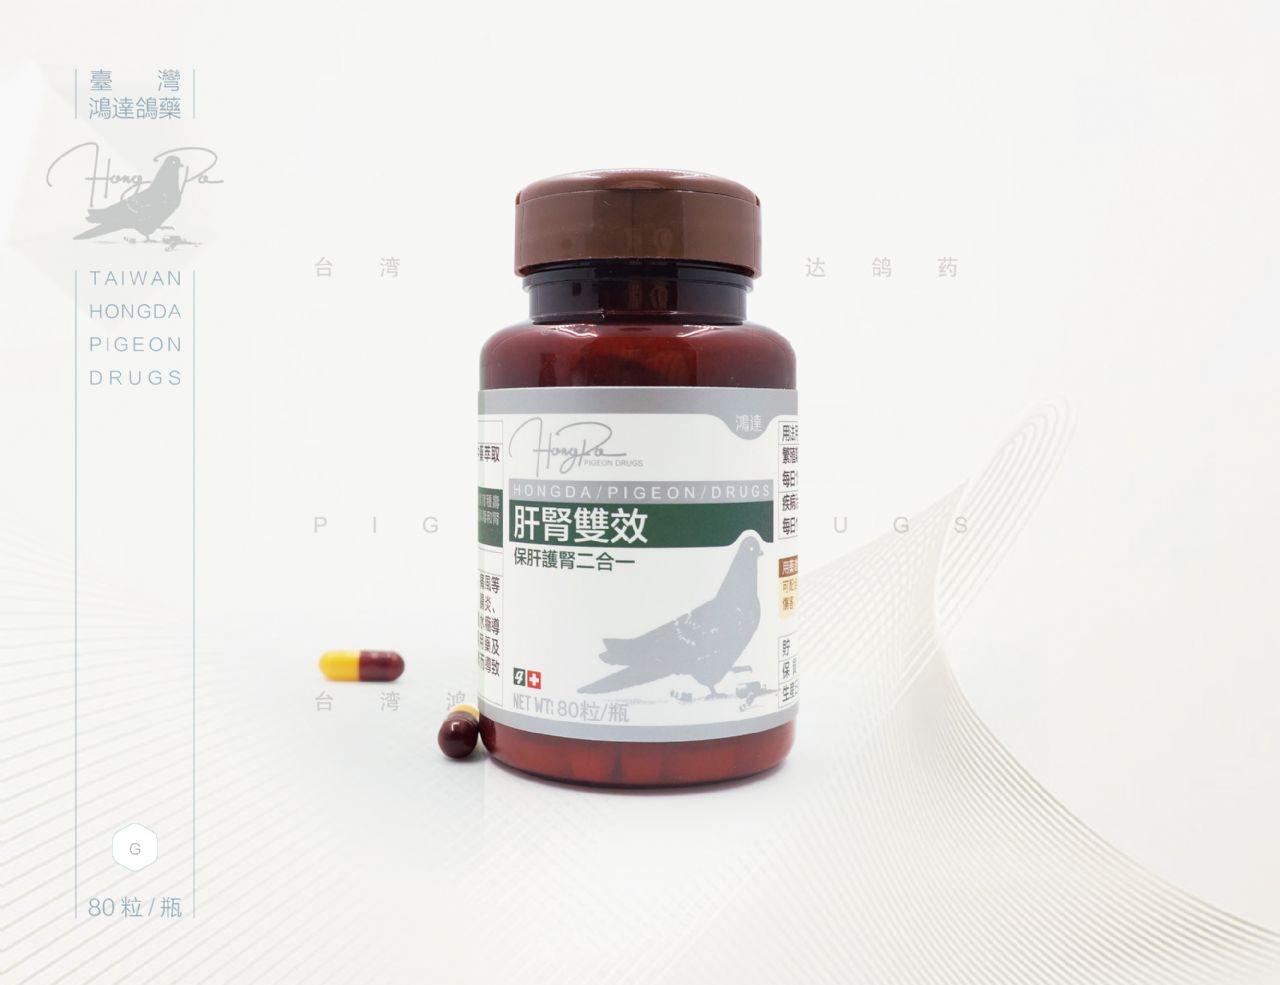 肝肾双效胶囊